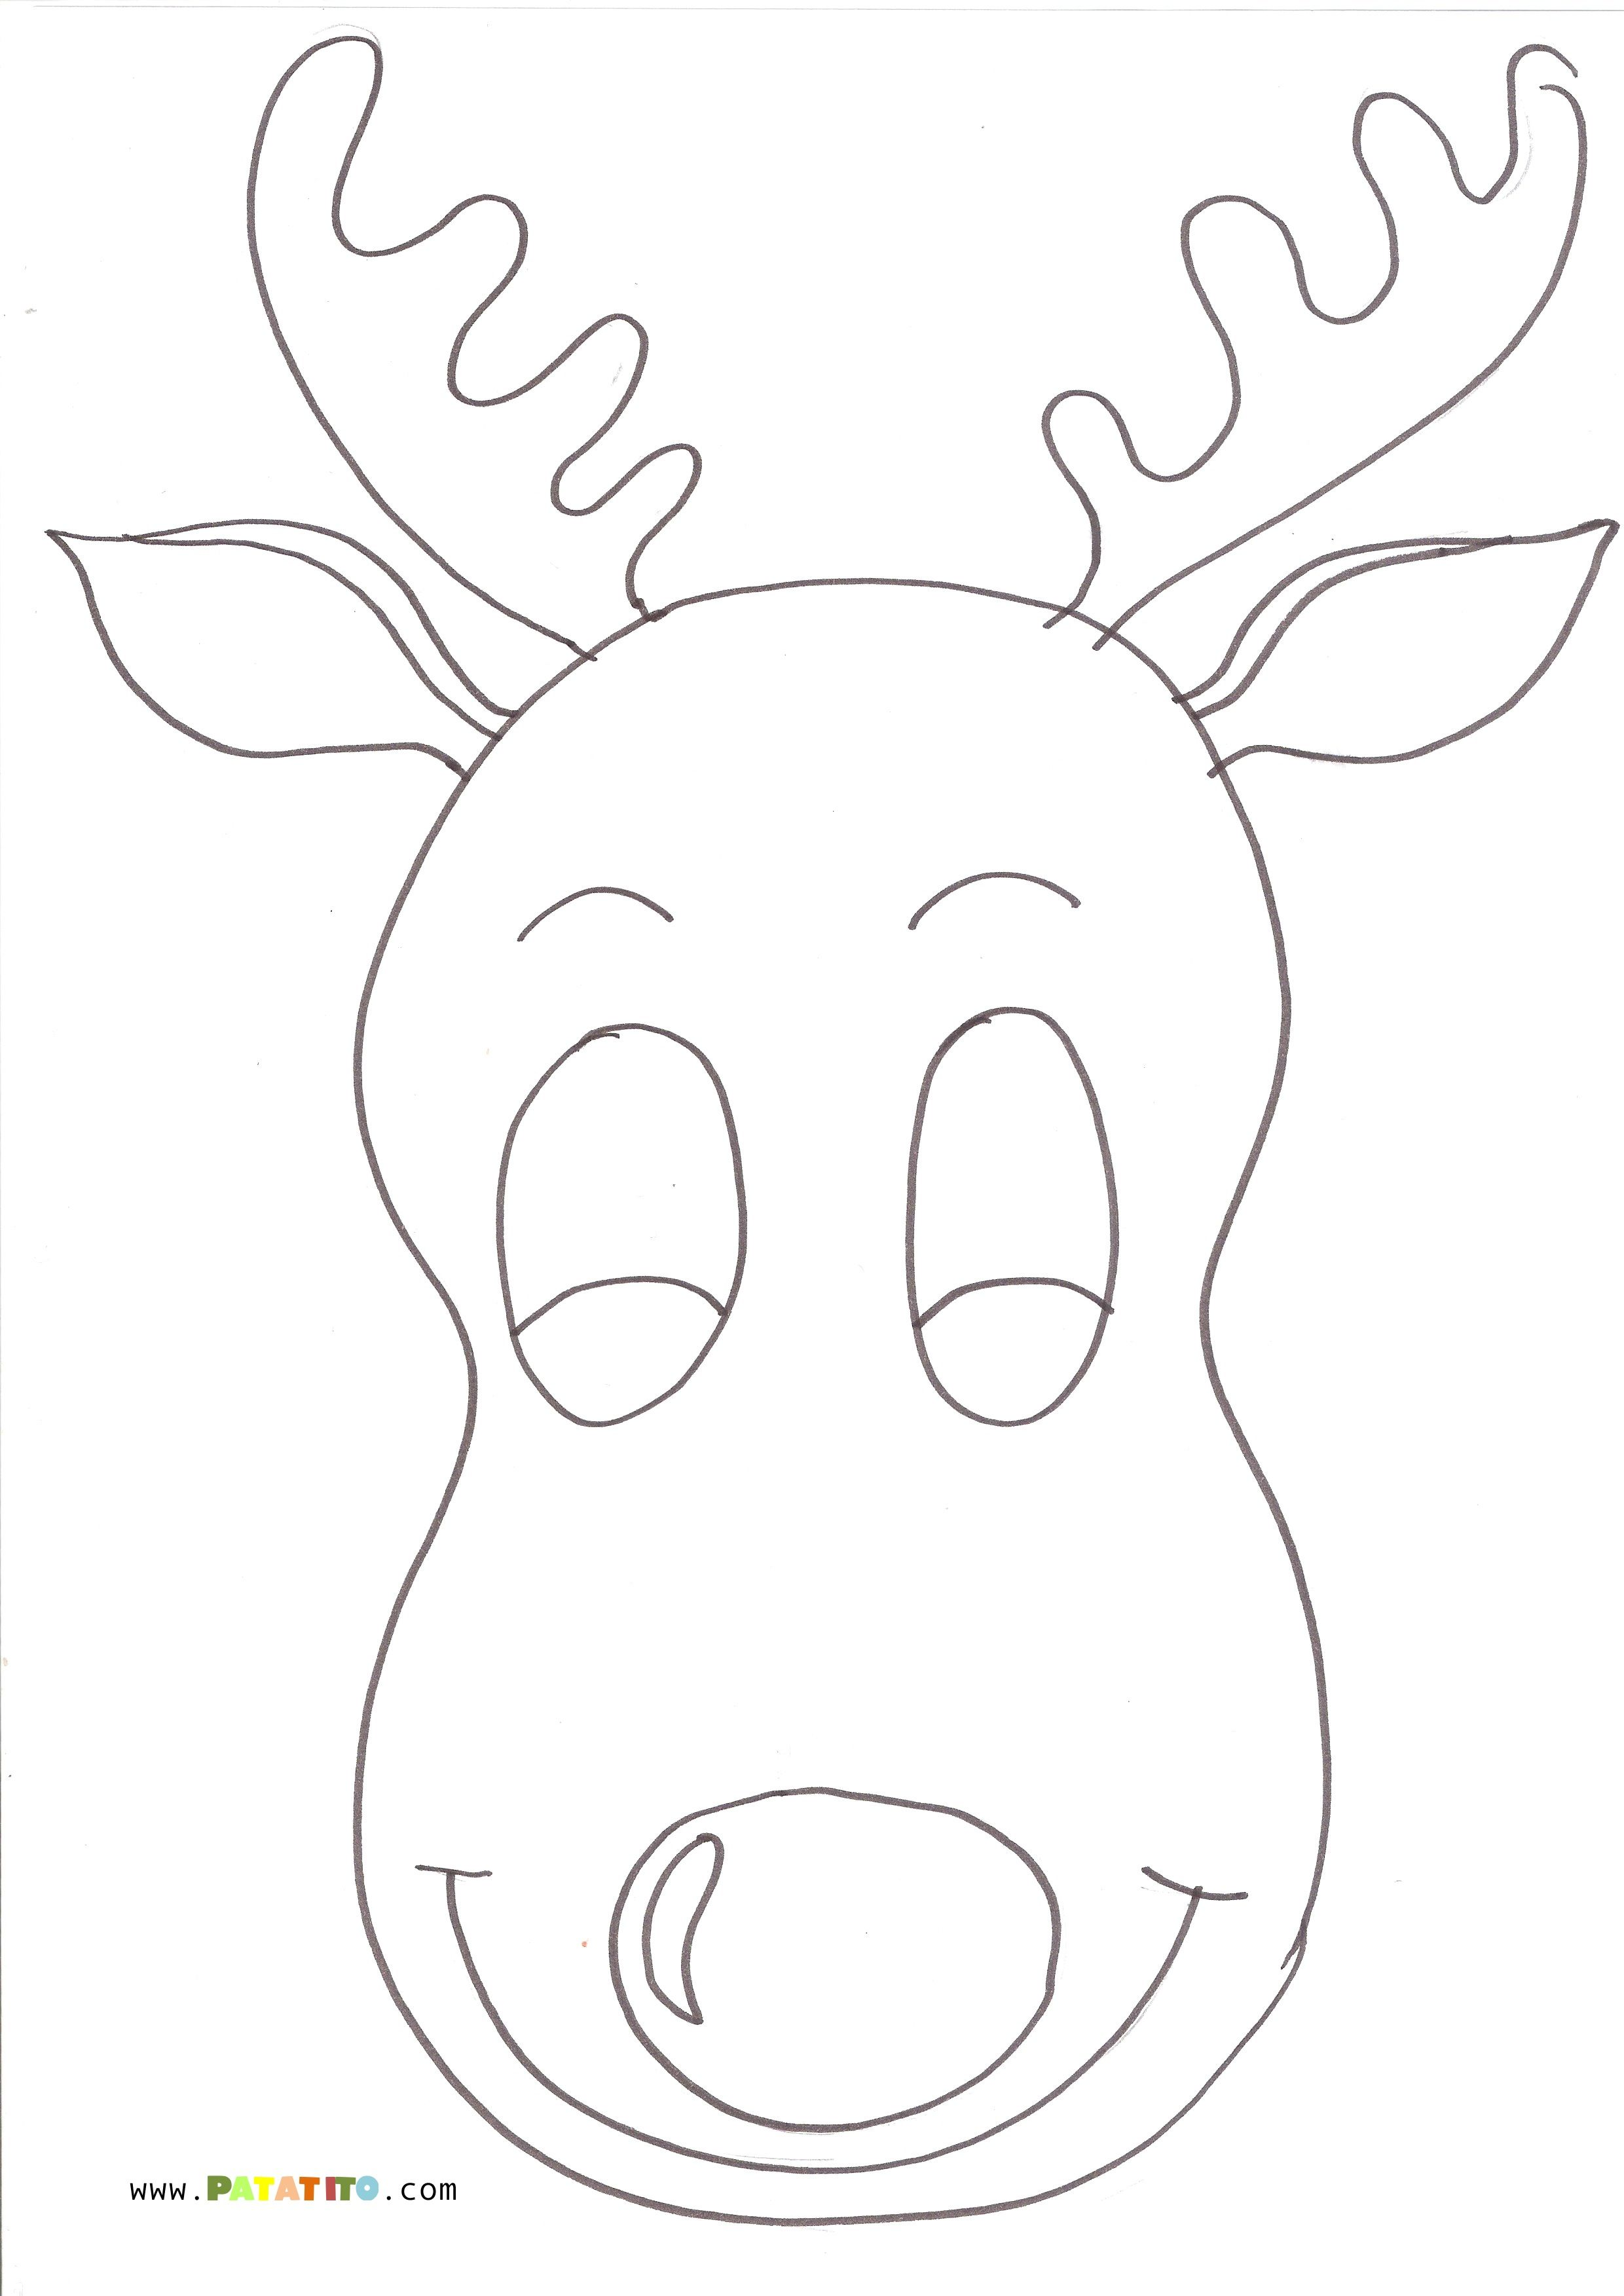 Navidad - Dibujos para colorear - Reno | Manualidades navidad ...